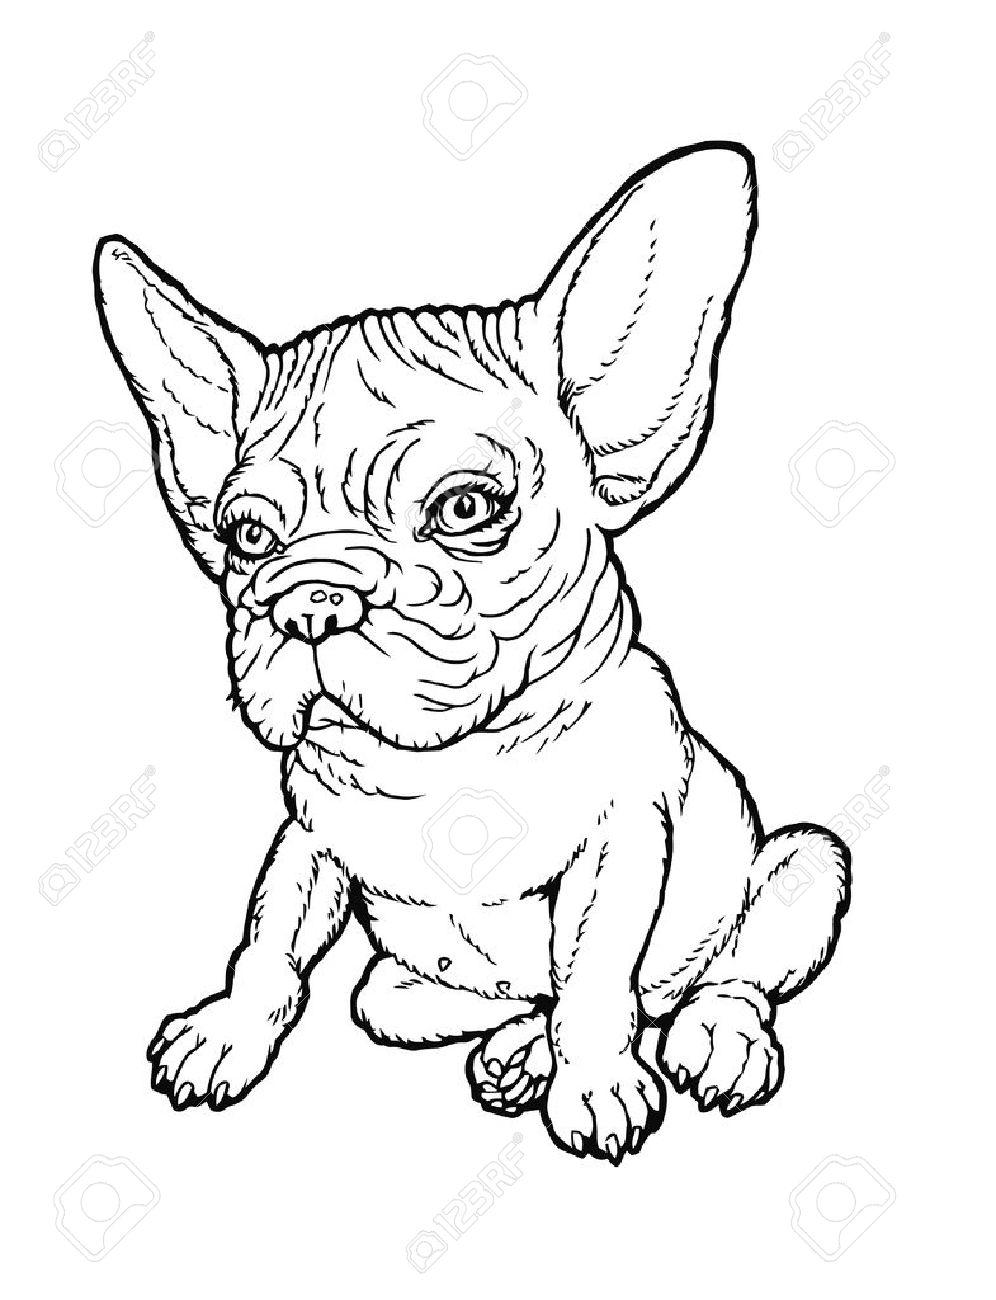 Schwarz Weiß Welpen Prall Französisch Bulldog Zeichnen Aus Einer